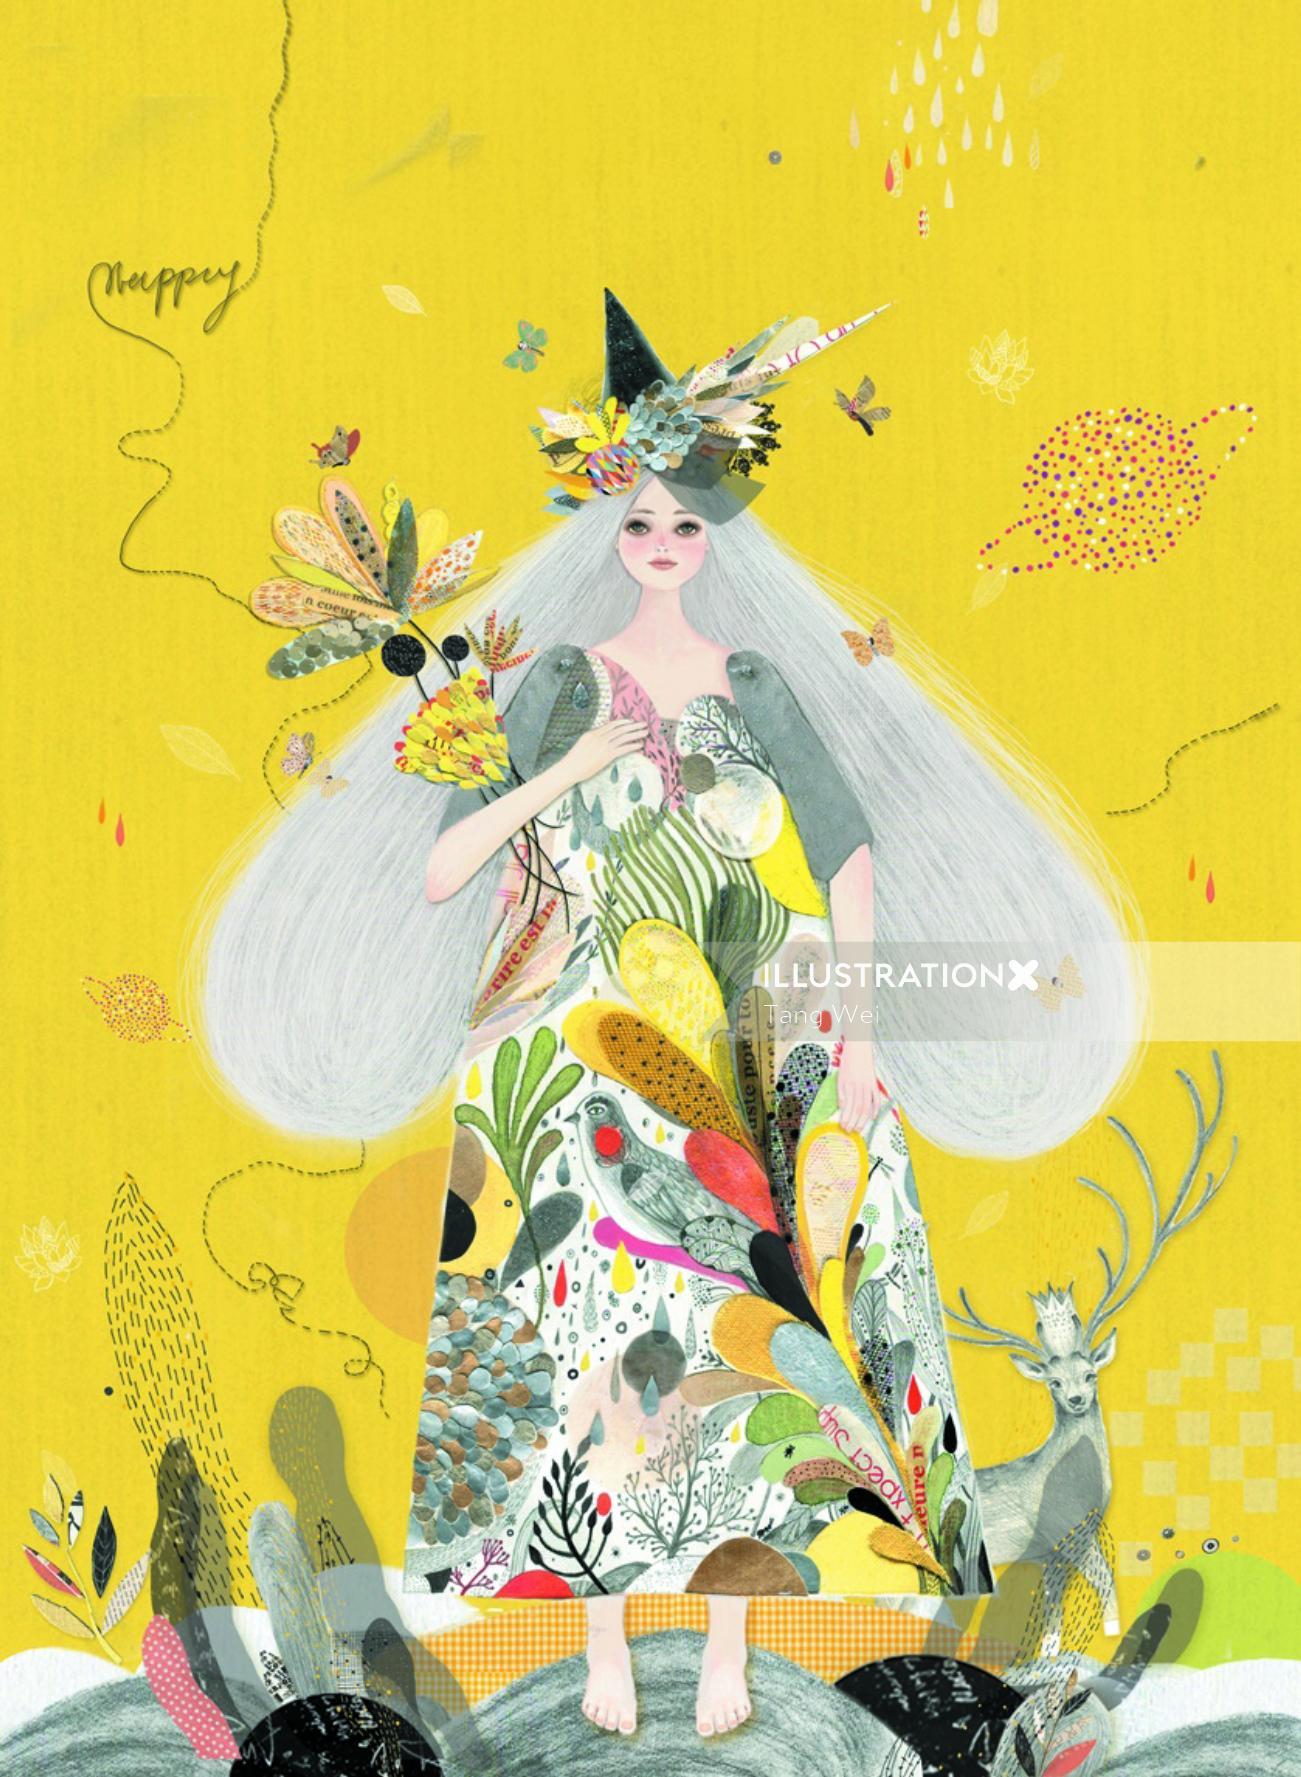 Character design of flower girl